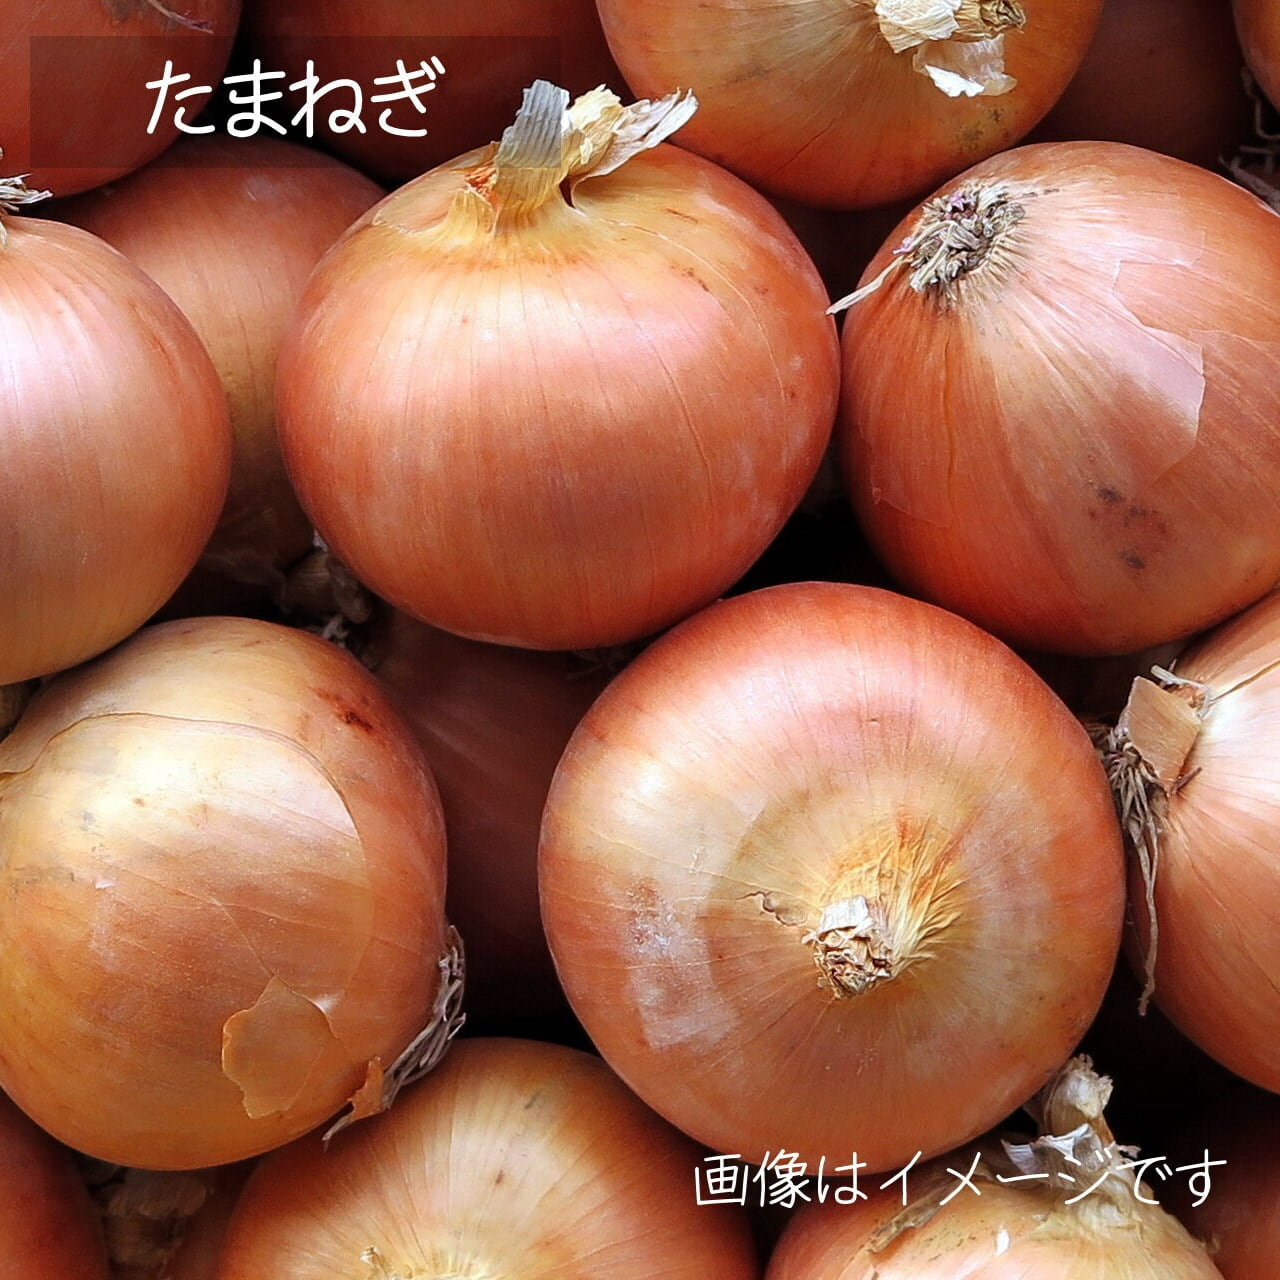 たまねぎ 4~5個 5月の朝採り直売野菜 5月11日発送予定